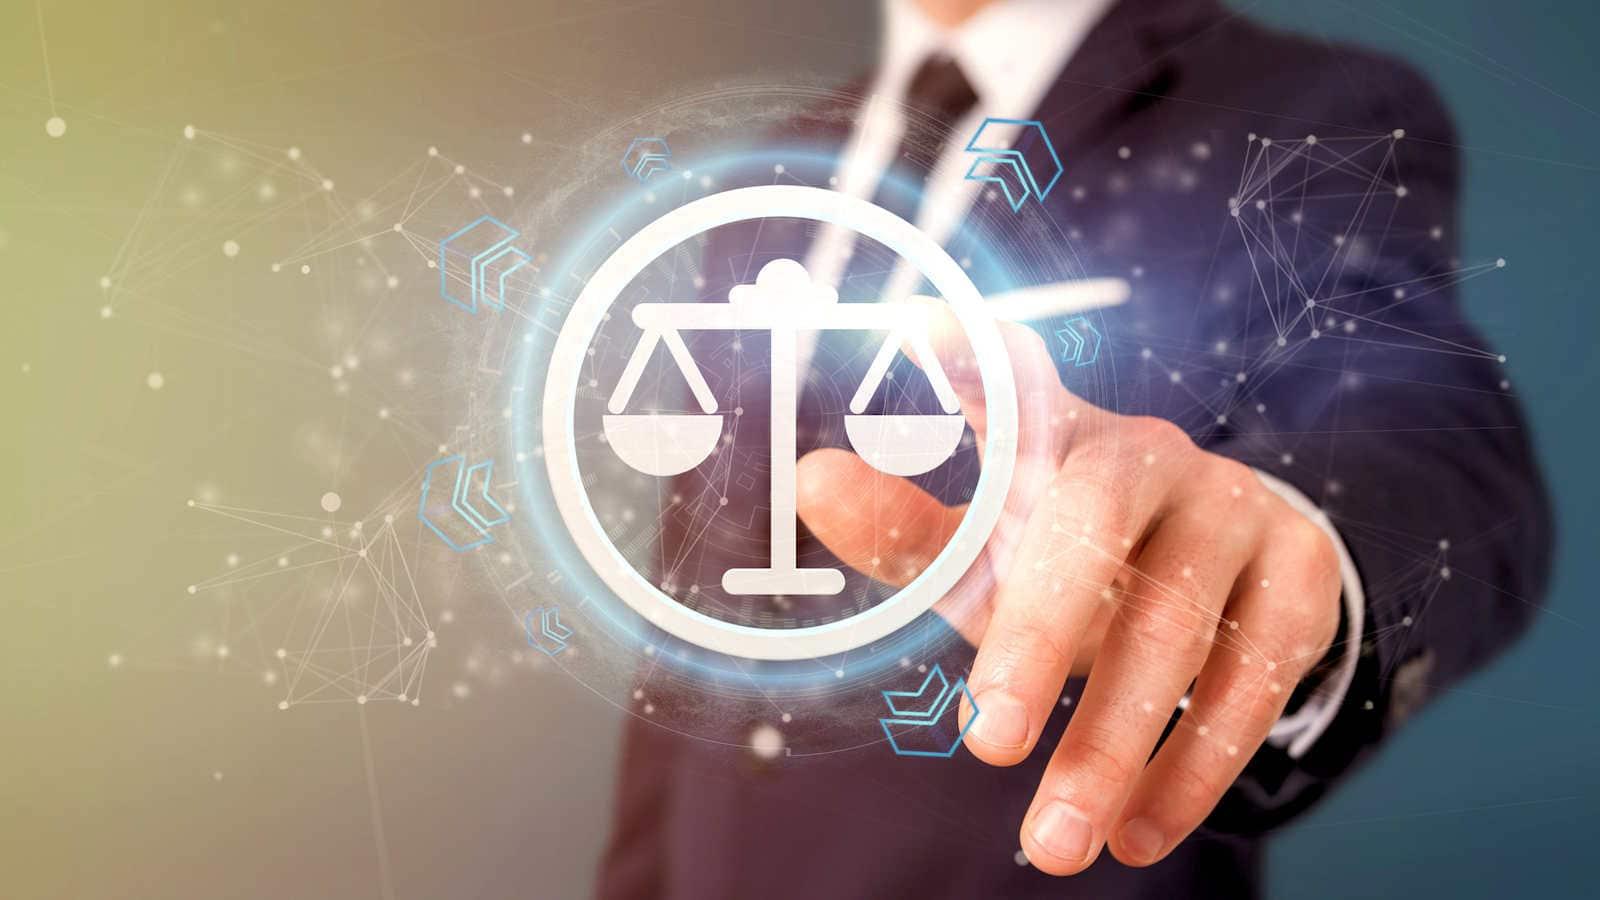 McCready Law Group in Long Beach